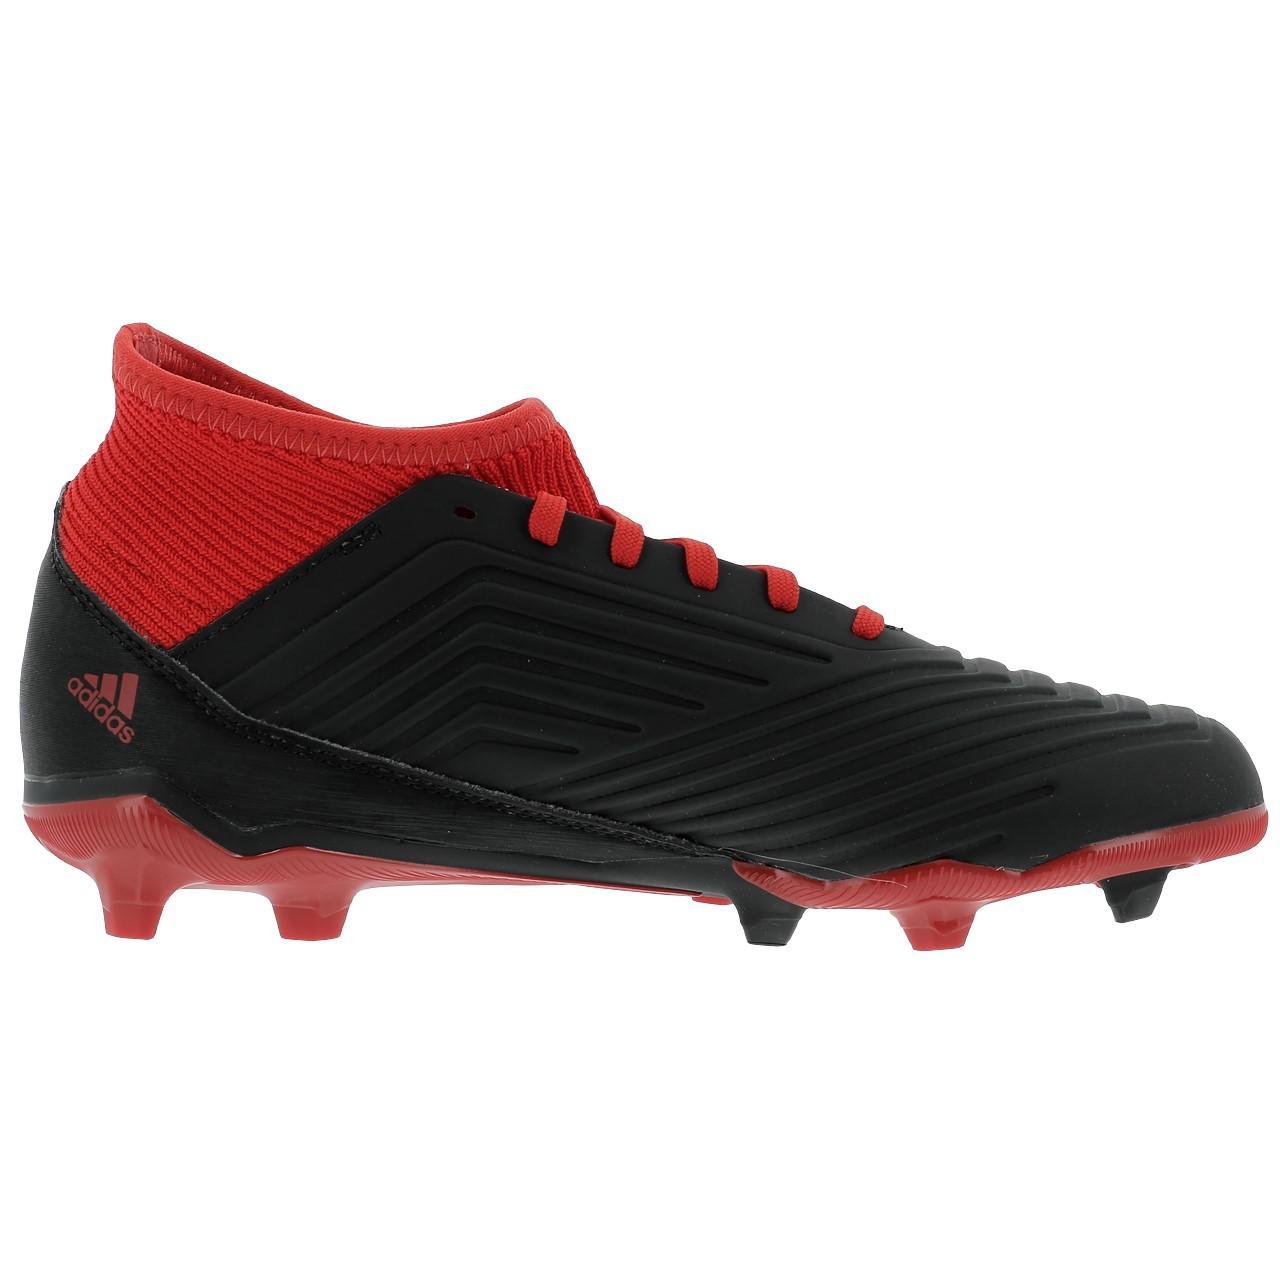 Football-Shoes-Flap-Adidas-Predator-18-3-Fg-Jr-Black-36196-New thumbnail 3